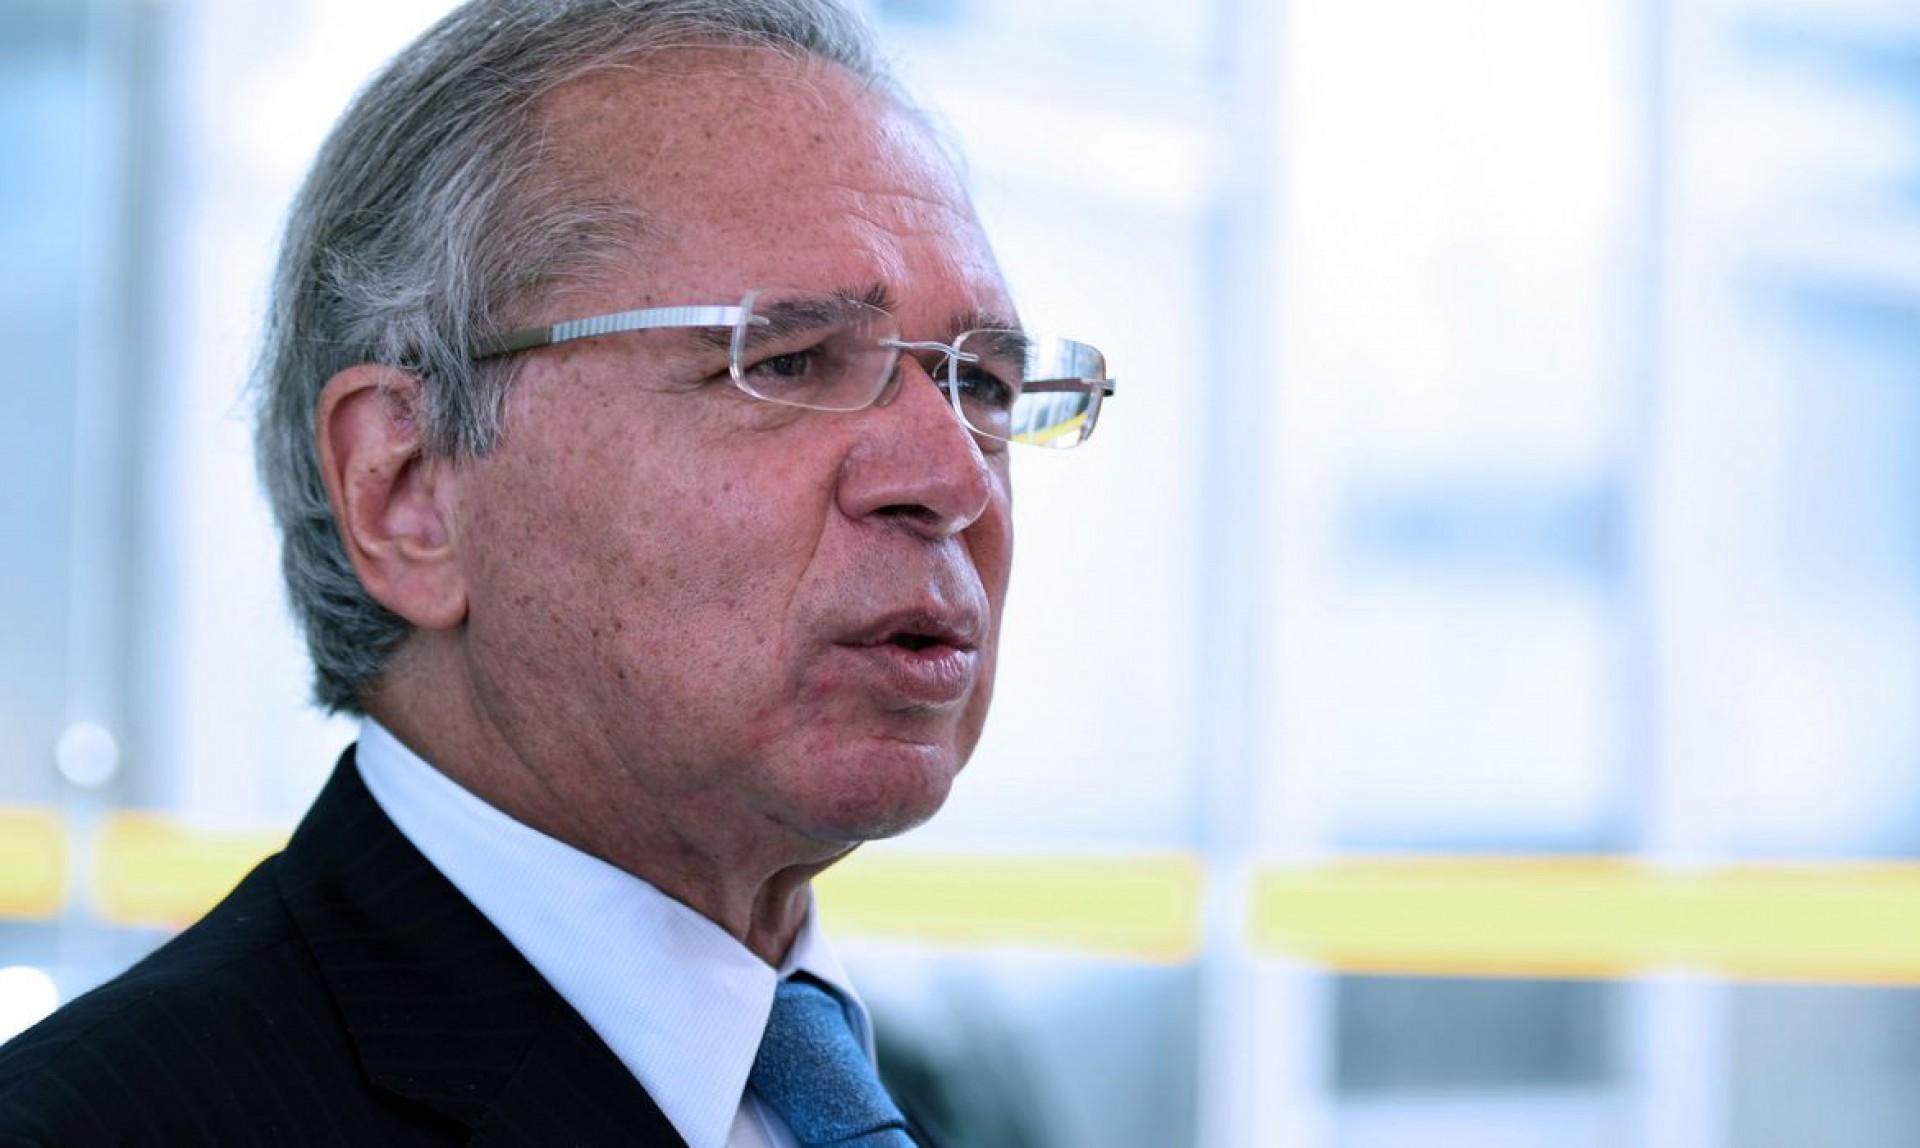 Reforma tributária não trará aumento de imposto, diz Guedes (Foto: )